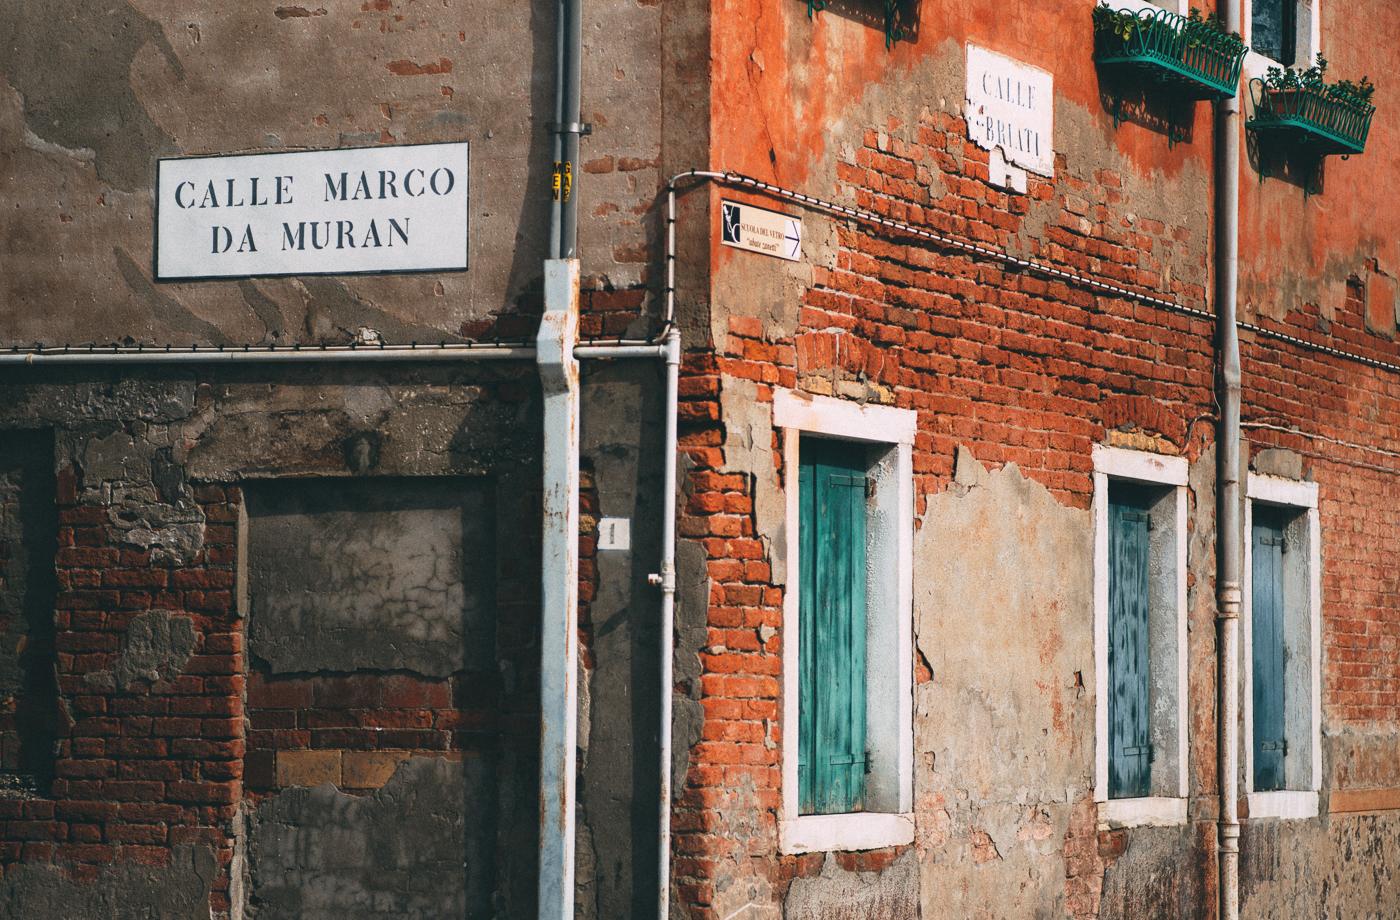 Calle Briati